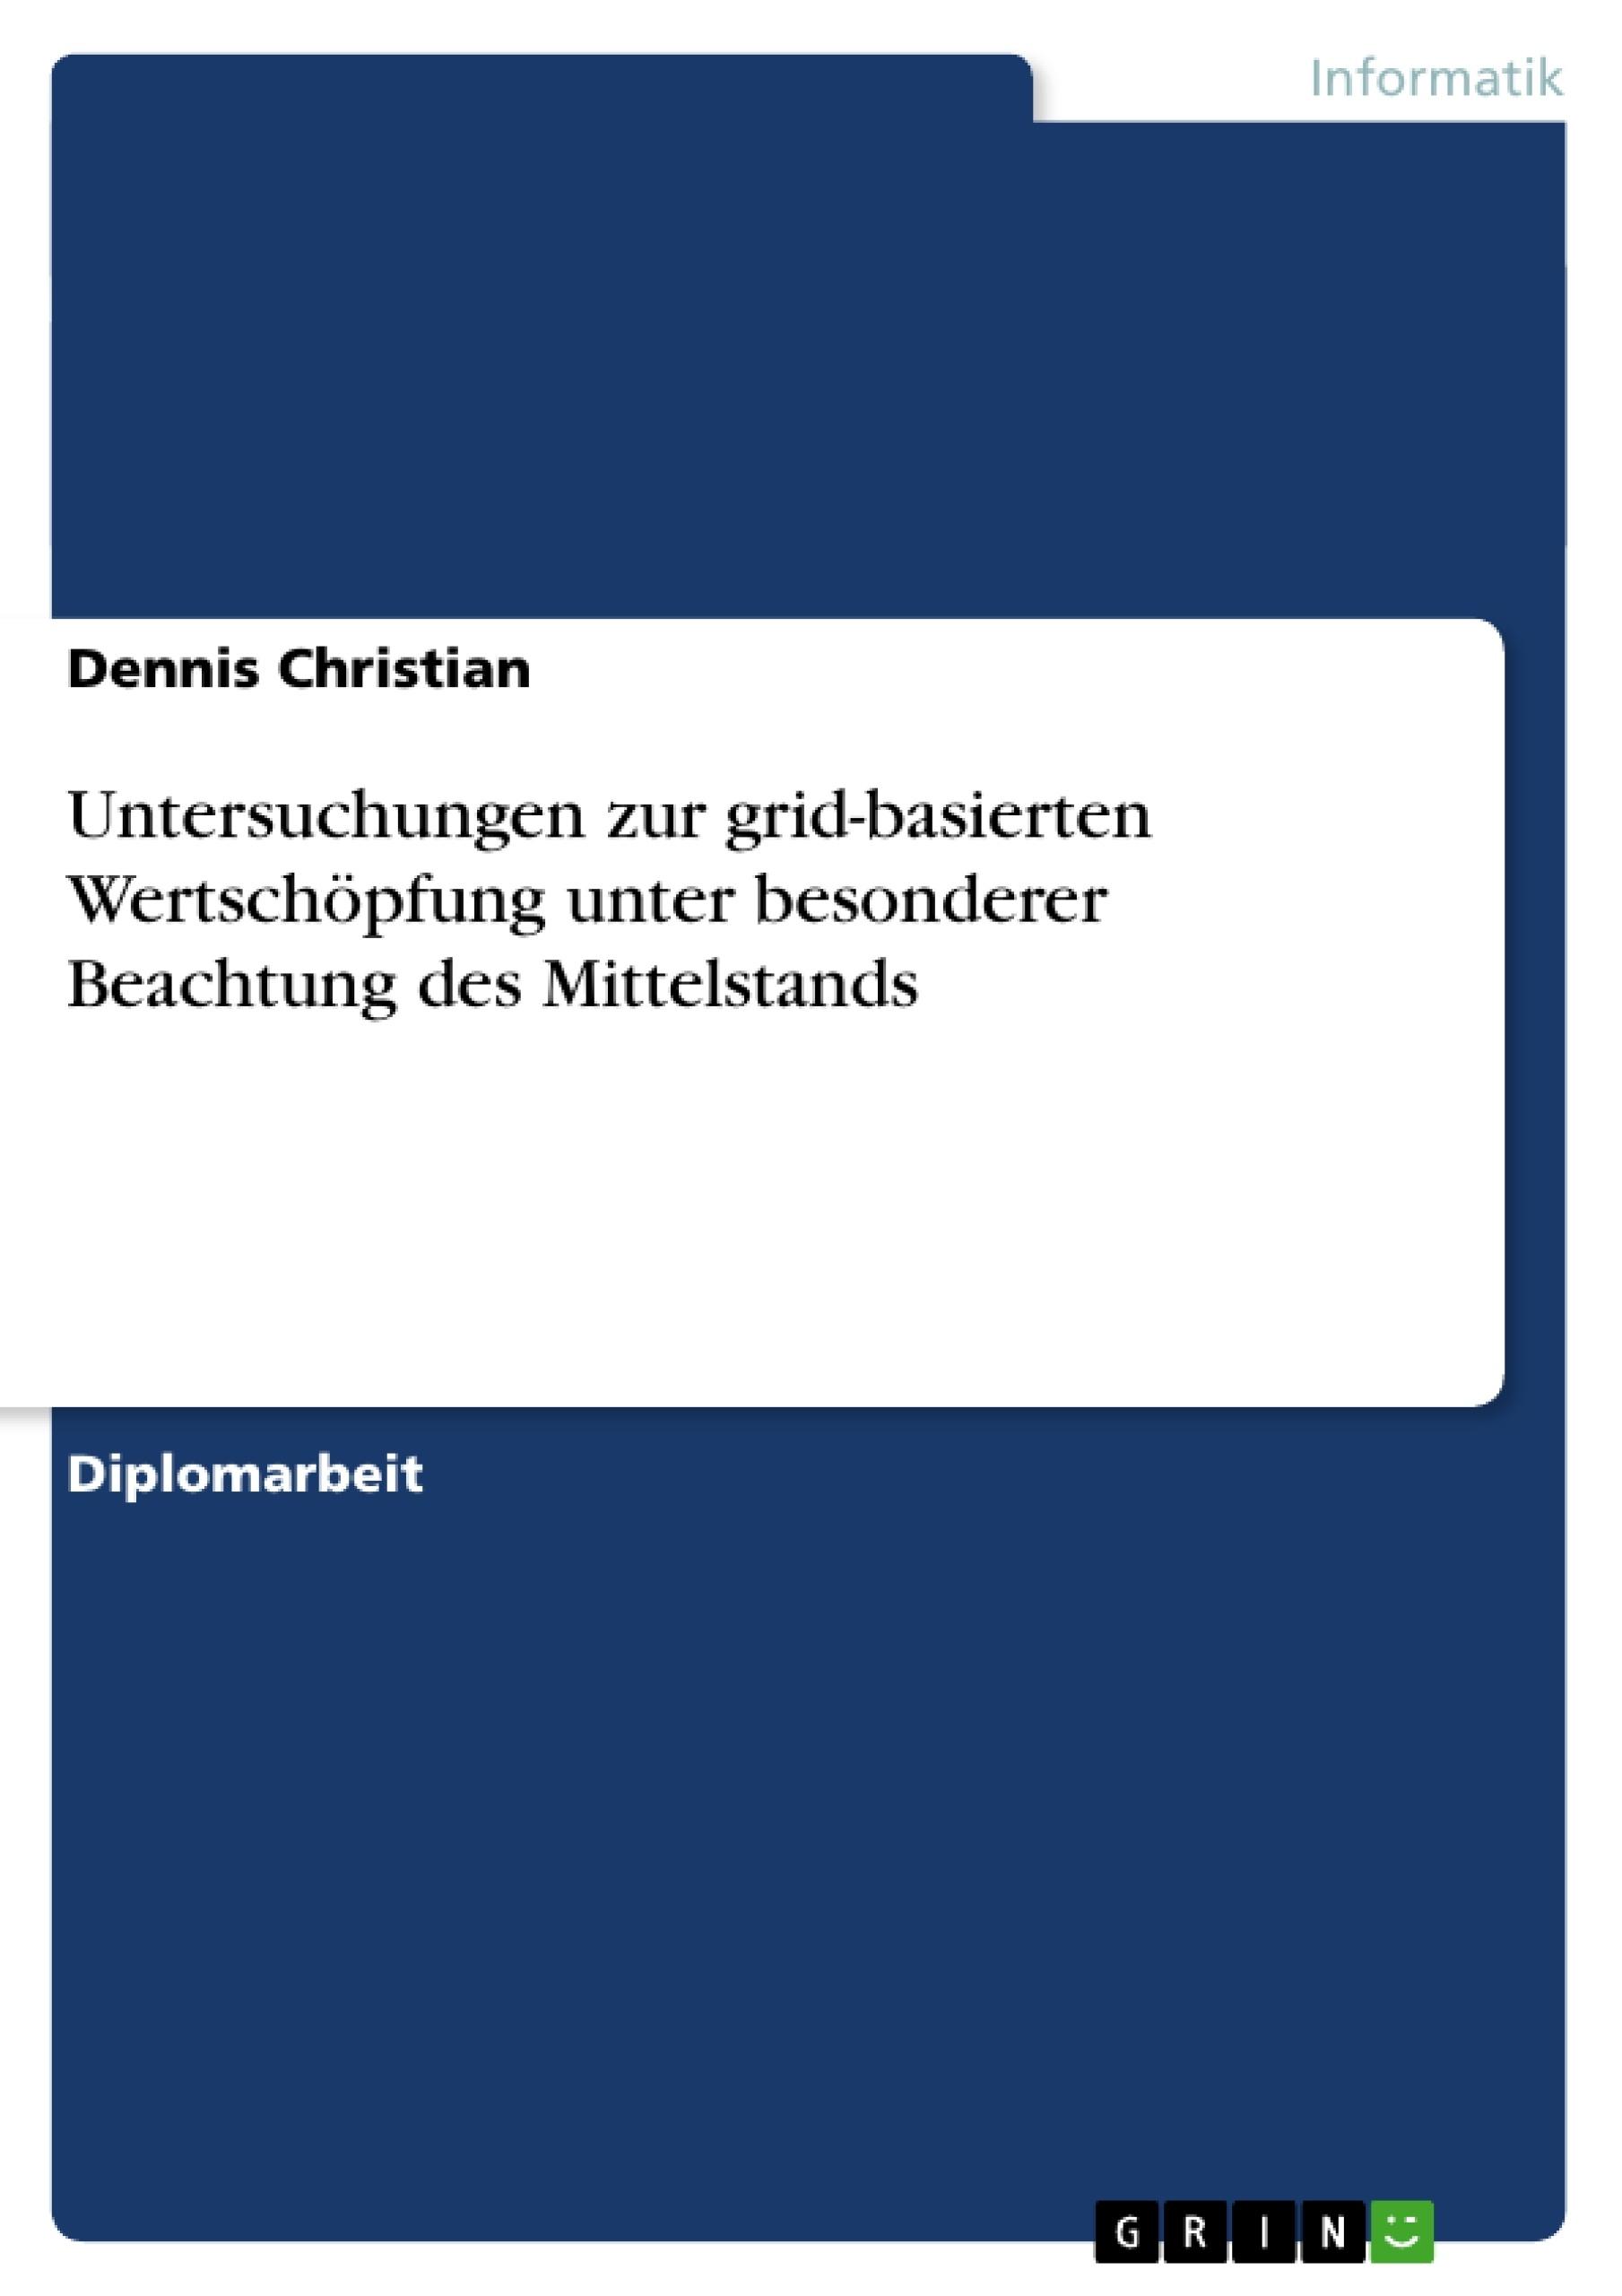 Titel: Untersuchungen zur grid-basierten Wertschöpfung unter besonderer Beachtung des Mittelstands